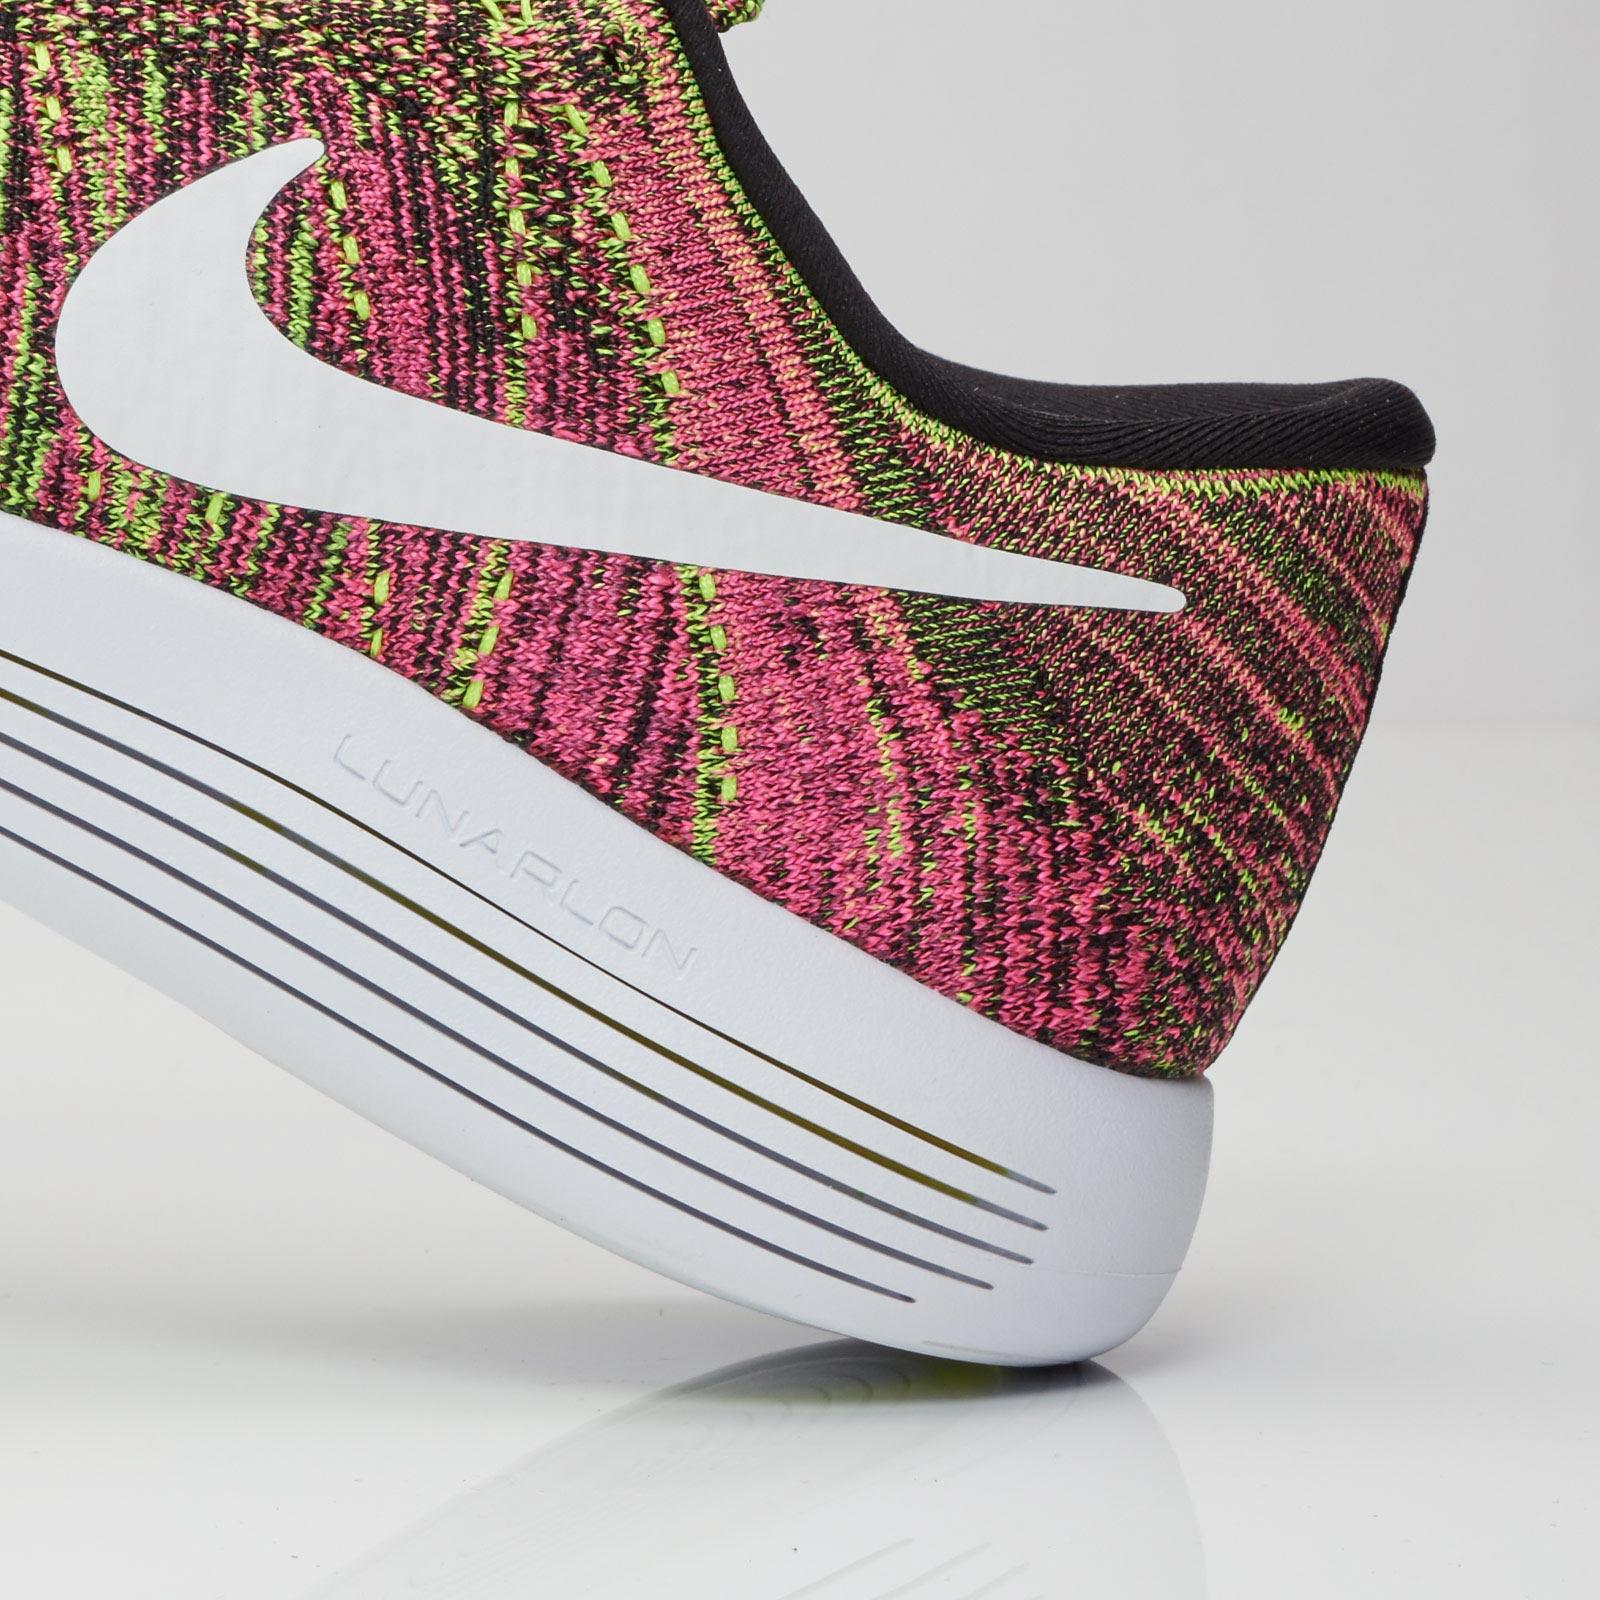 b58e8d26542a Nike Lunarepic Low Flyknit OC - 844862-999 - Sneakersnstuff ...